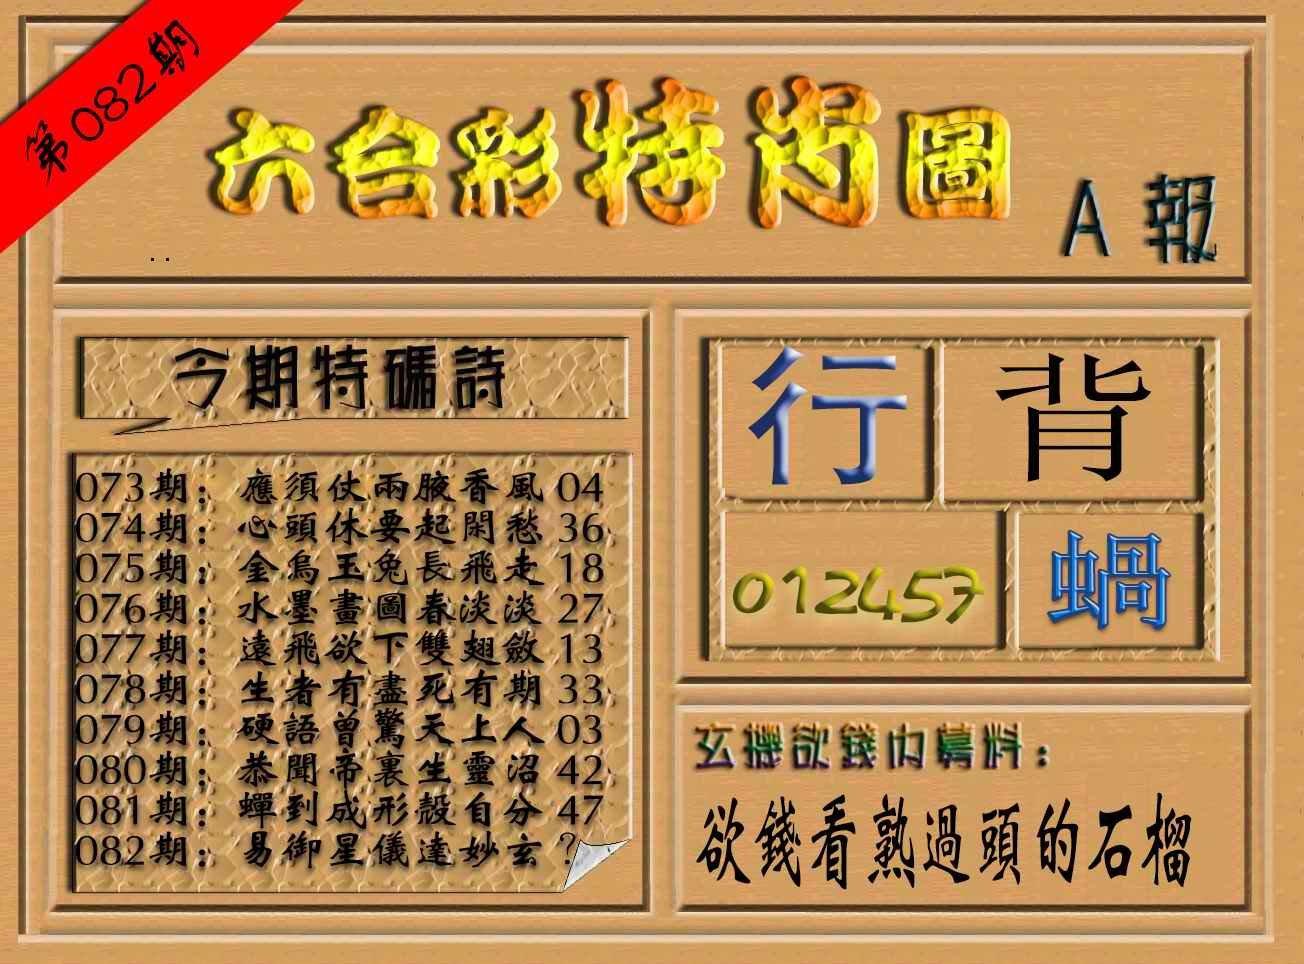 082期六合彩特肖图(A报)